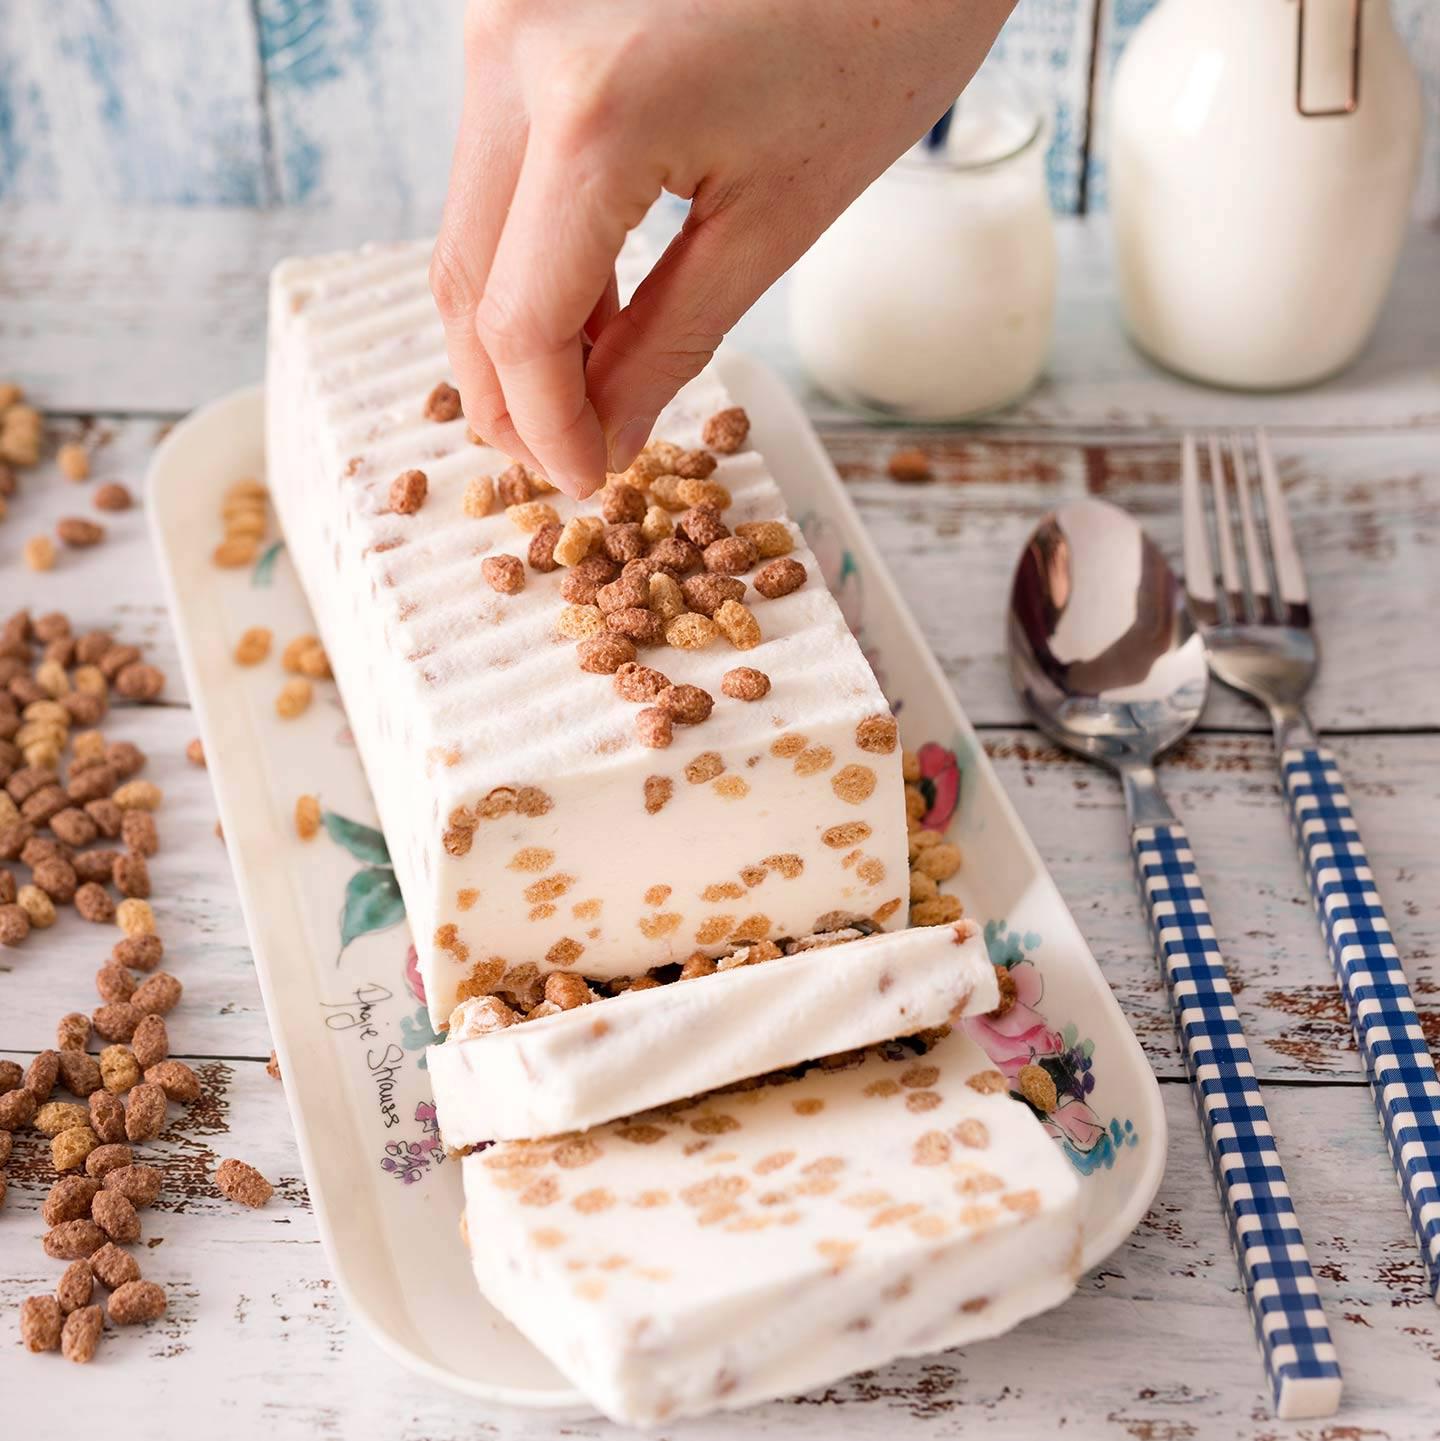 Tarta Helada de Yogur y Crujientes de Avena